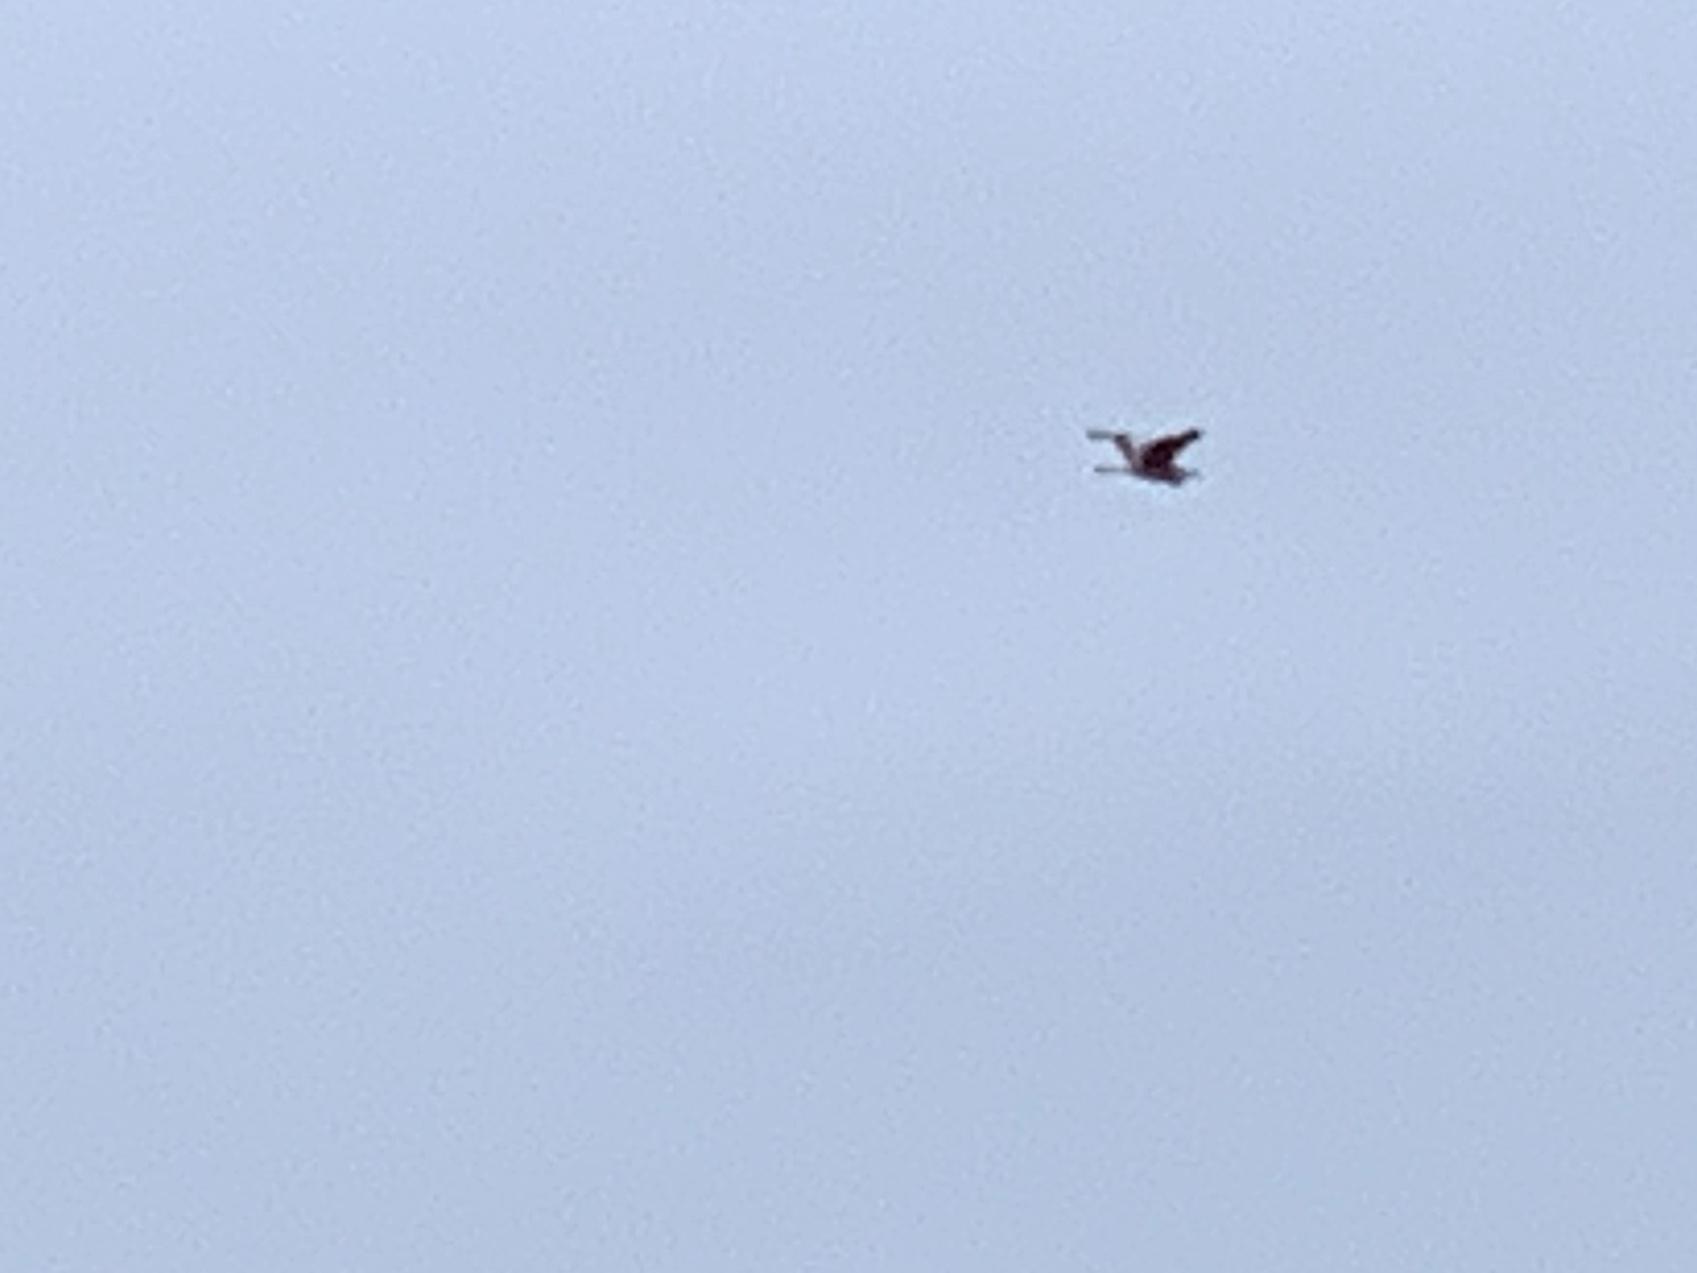 寒い空を飛ぶ元気な鳥「笑顔は幸せパワー」